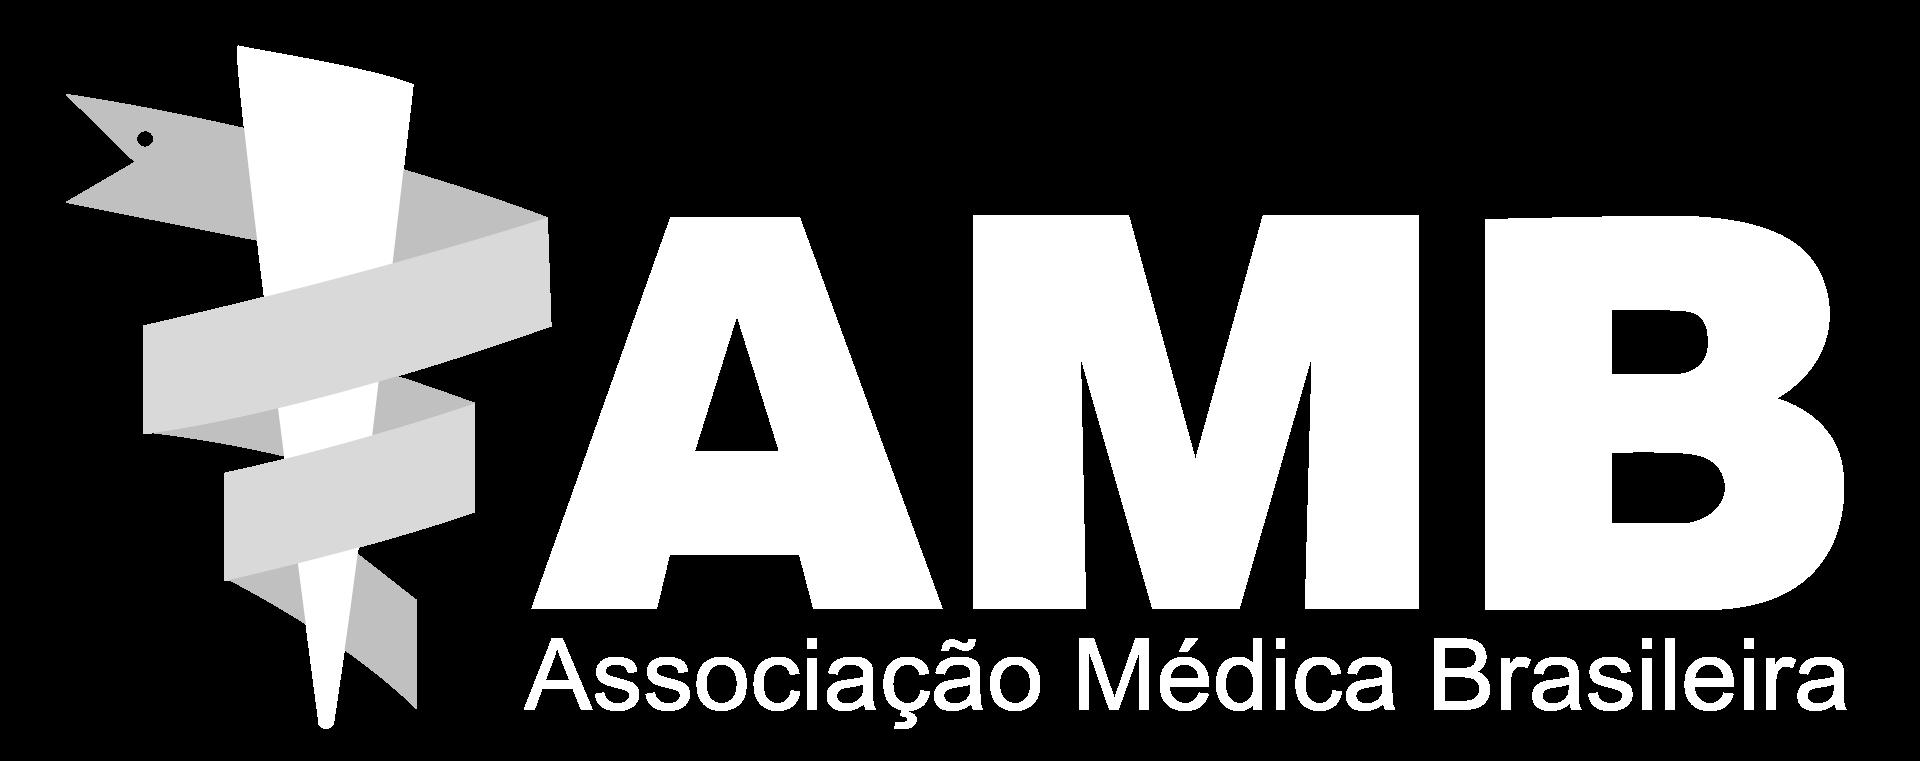 amb-logo-white